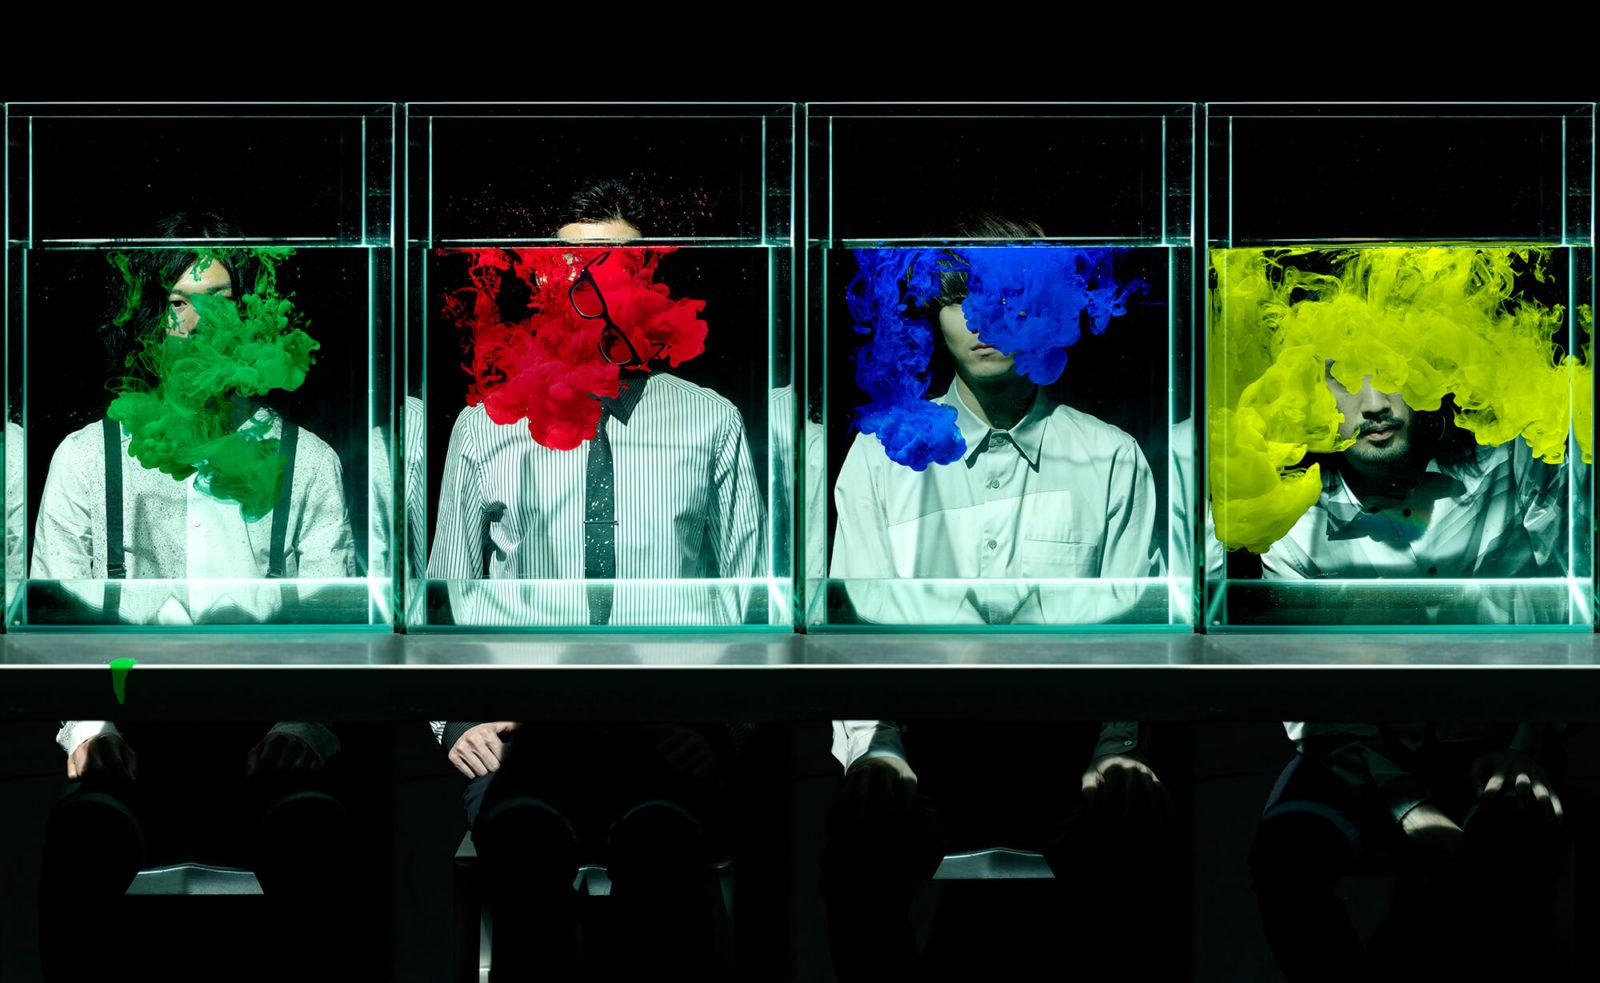 夜の本気ダンス 地元の京都KBSラジオでレギュラー番組「ラジダン!」 10月3日(水)より放送スタート!サムネイル画像